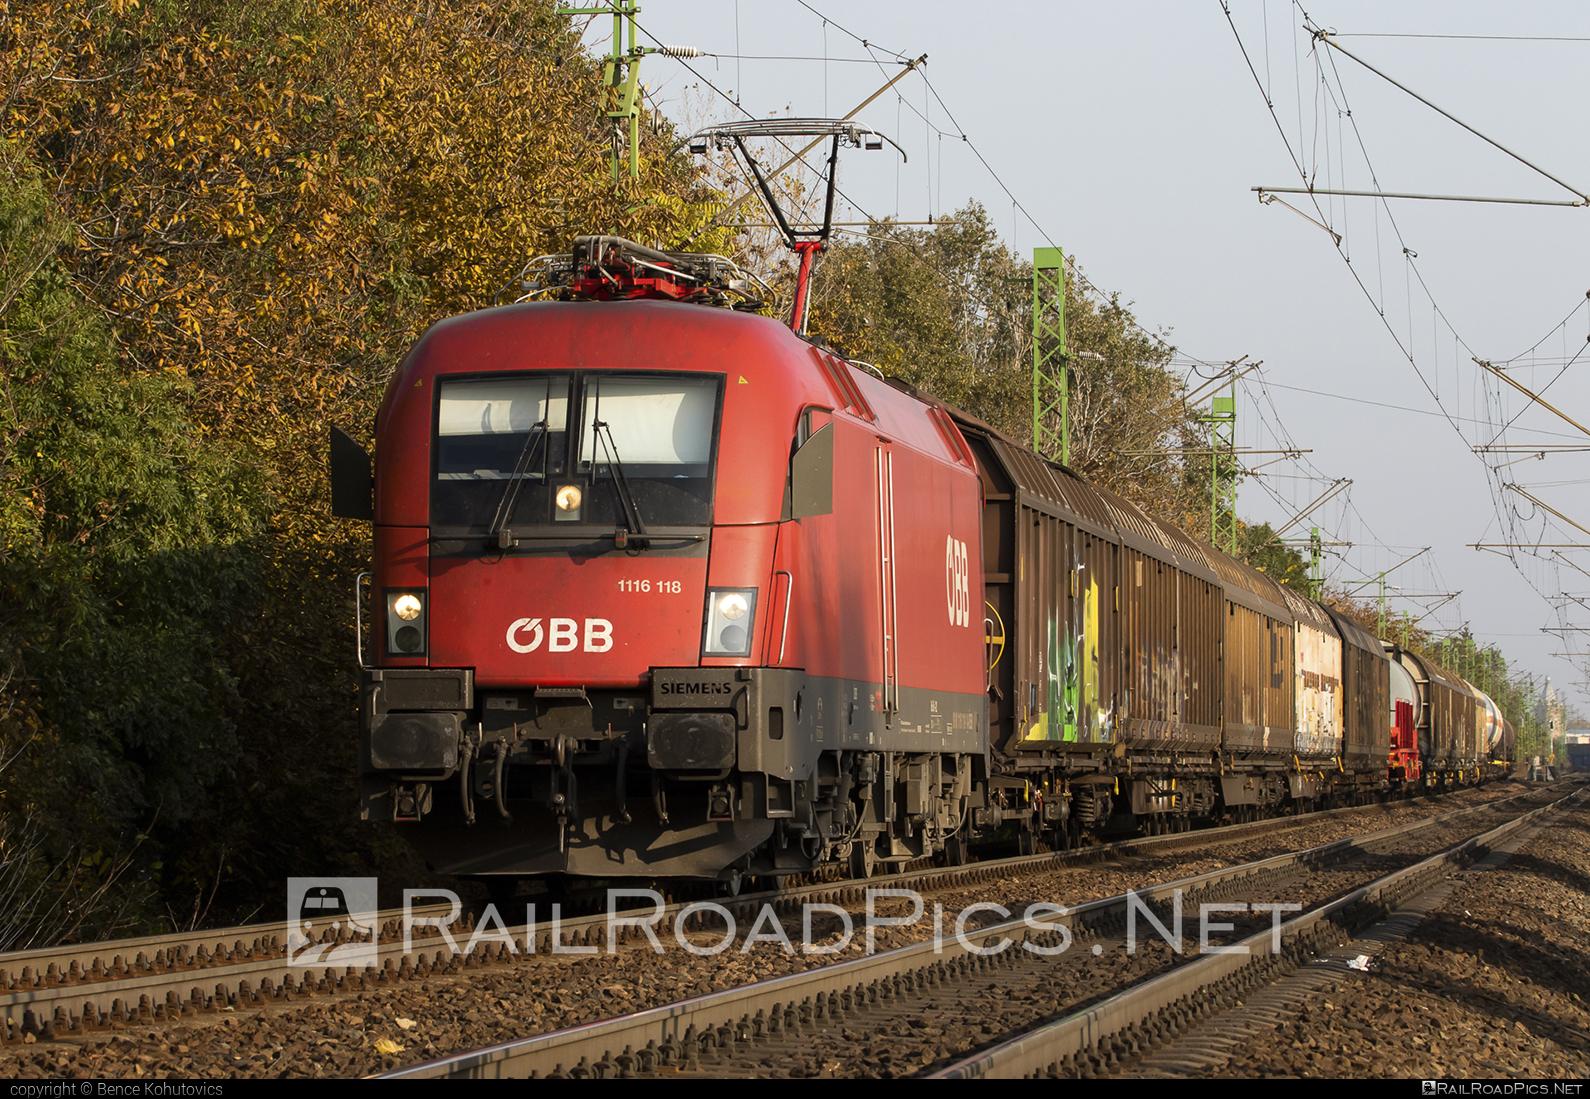 Siemens ES 64 U2 - 1116 118 operated by Rail Cargo Hungaria ZRt. #es64 #es64u #es64u2 #eurosprinter #obb #osterreichischebundesbahnen #rch #siemens #siemenses64 #siemenses64u #siemenses64u2 #siemenstaurus #taurus #tauruslocomotive